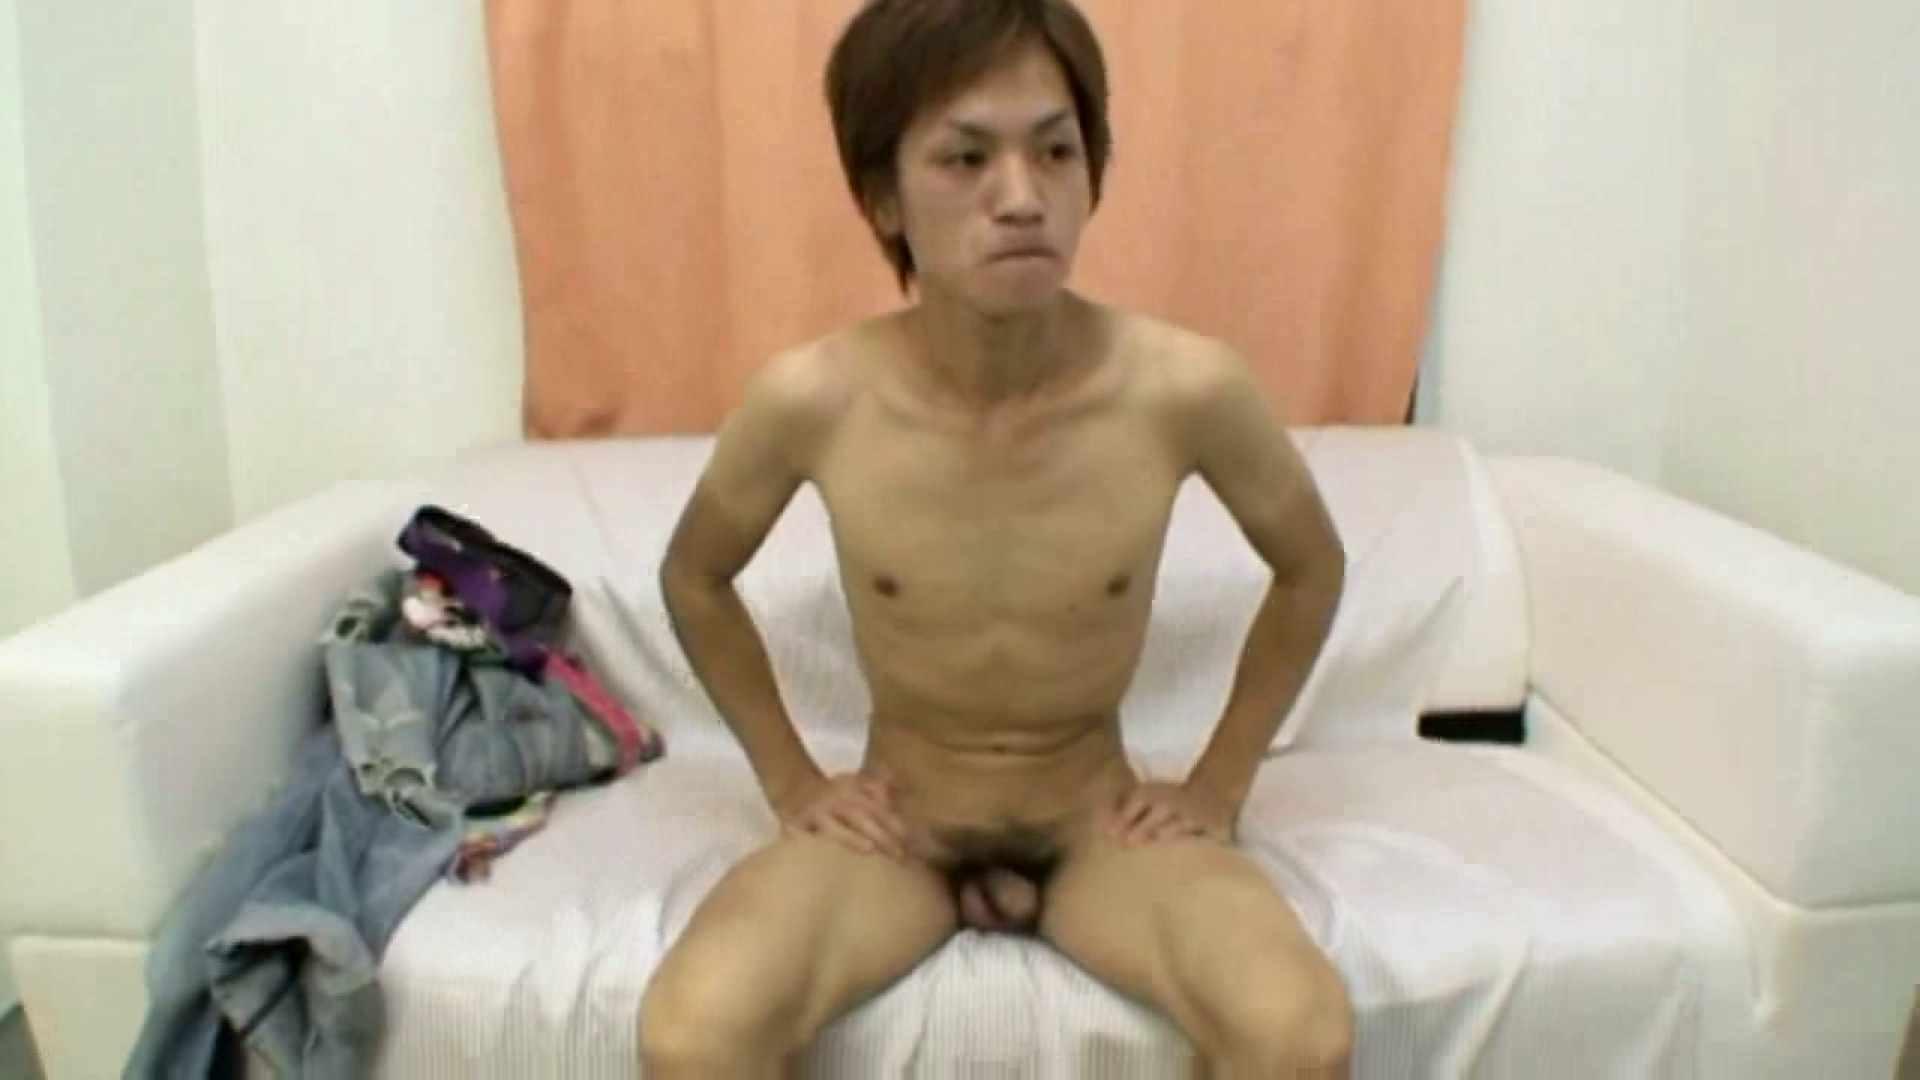 ノンケ!自慰スタジオ No.03 愛するノンケ   自慰  11枚 4